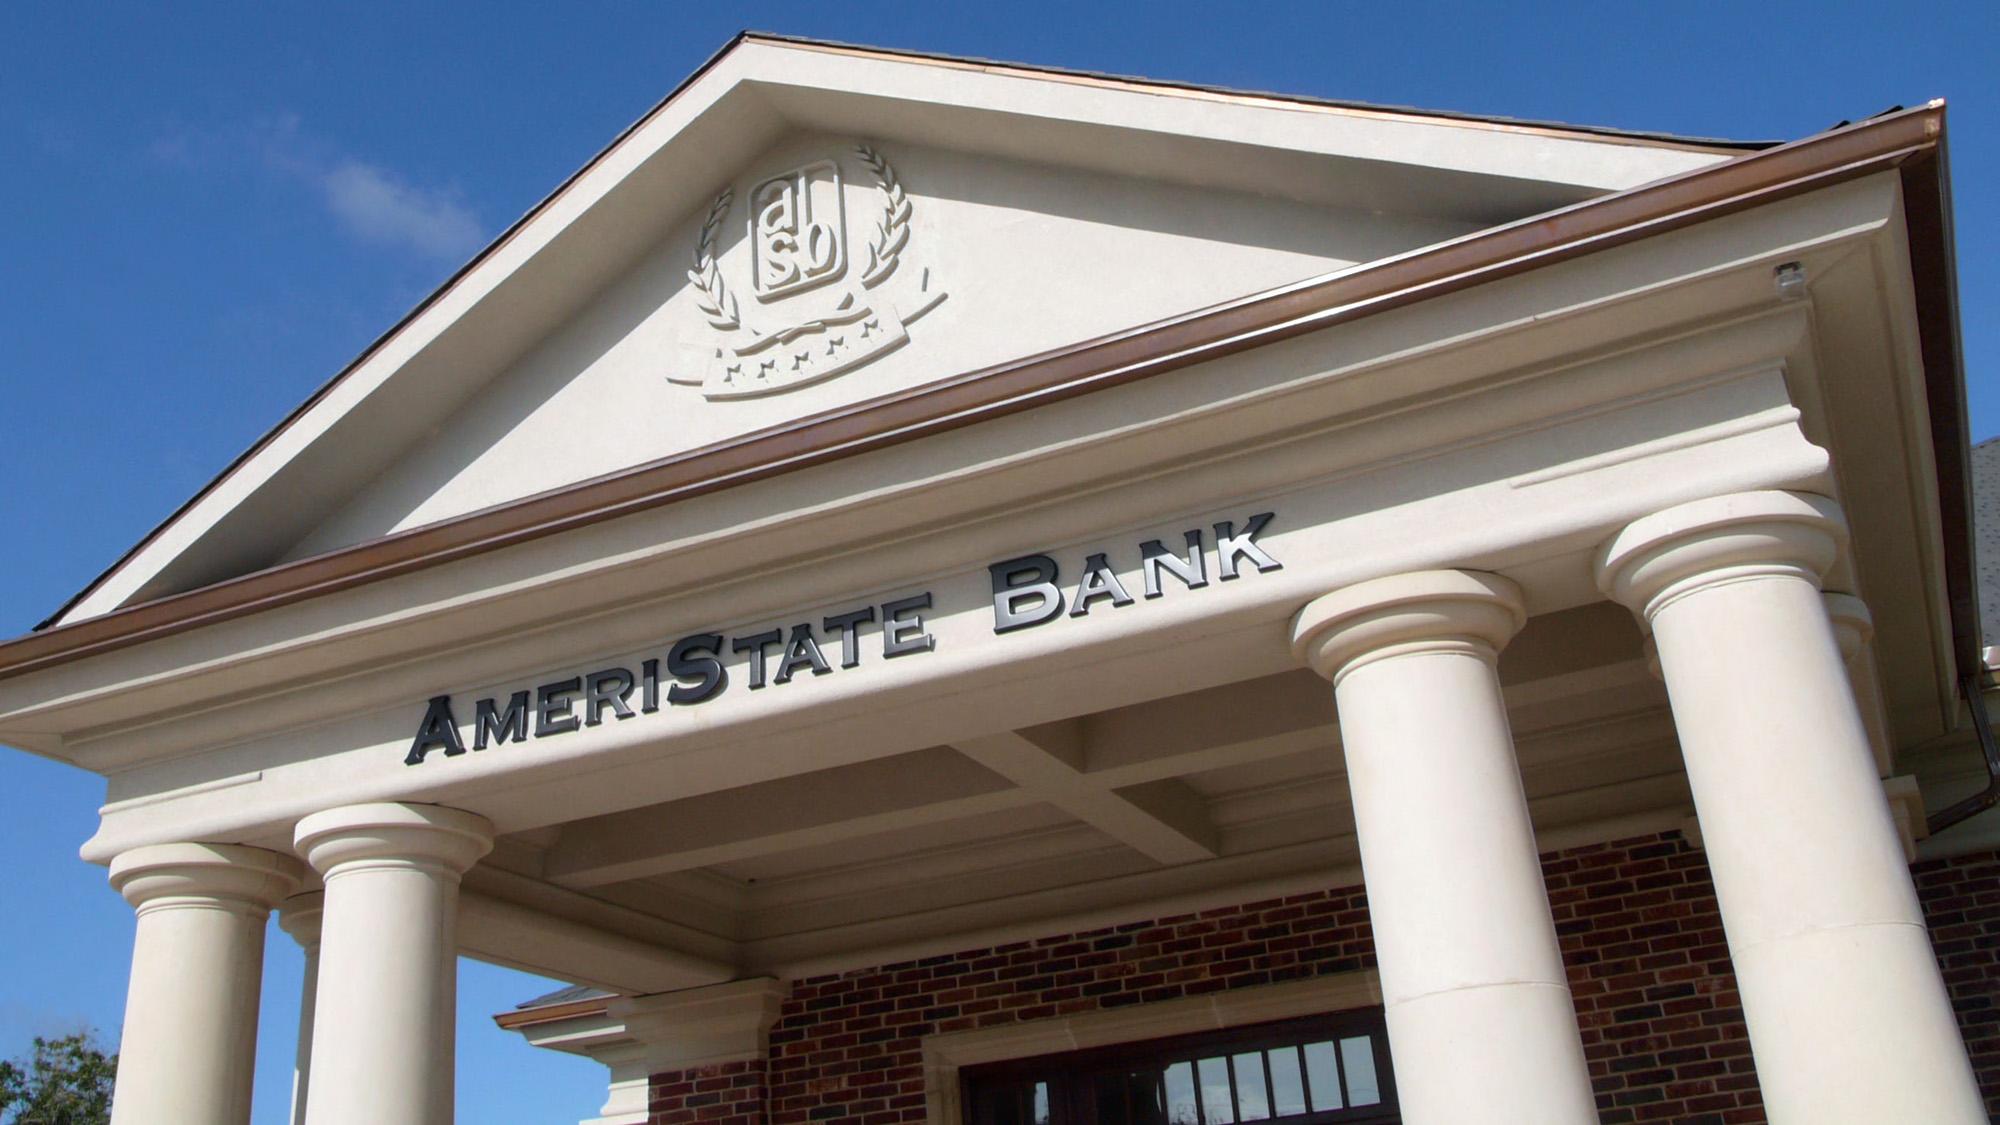 Ameristate Bank